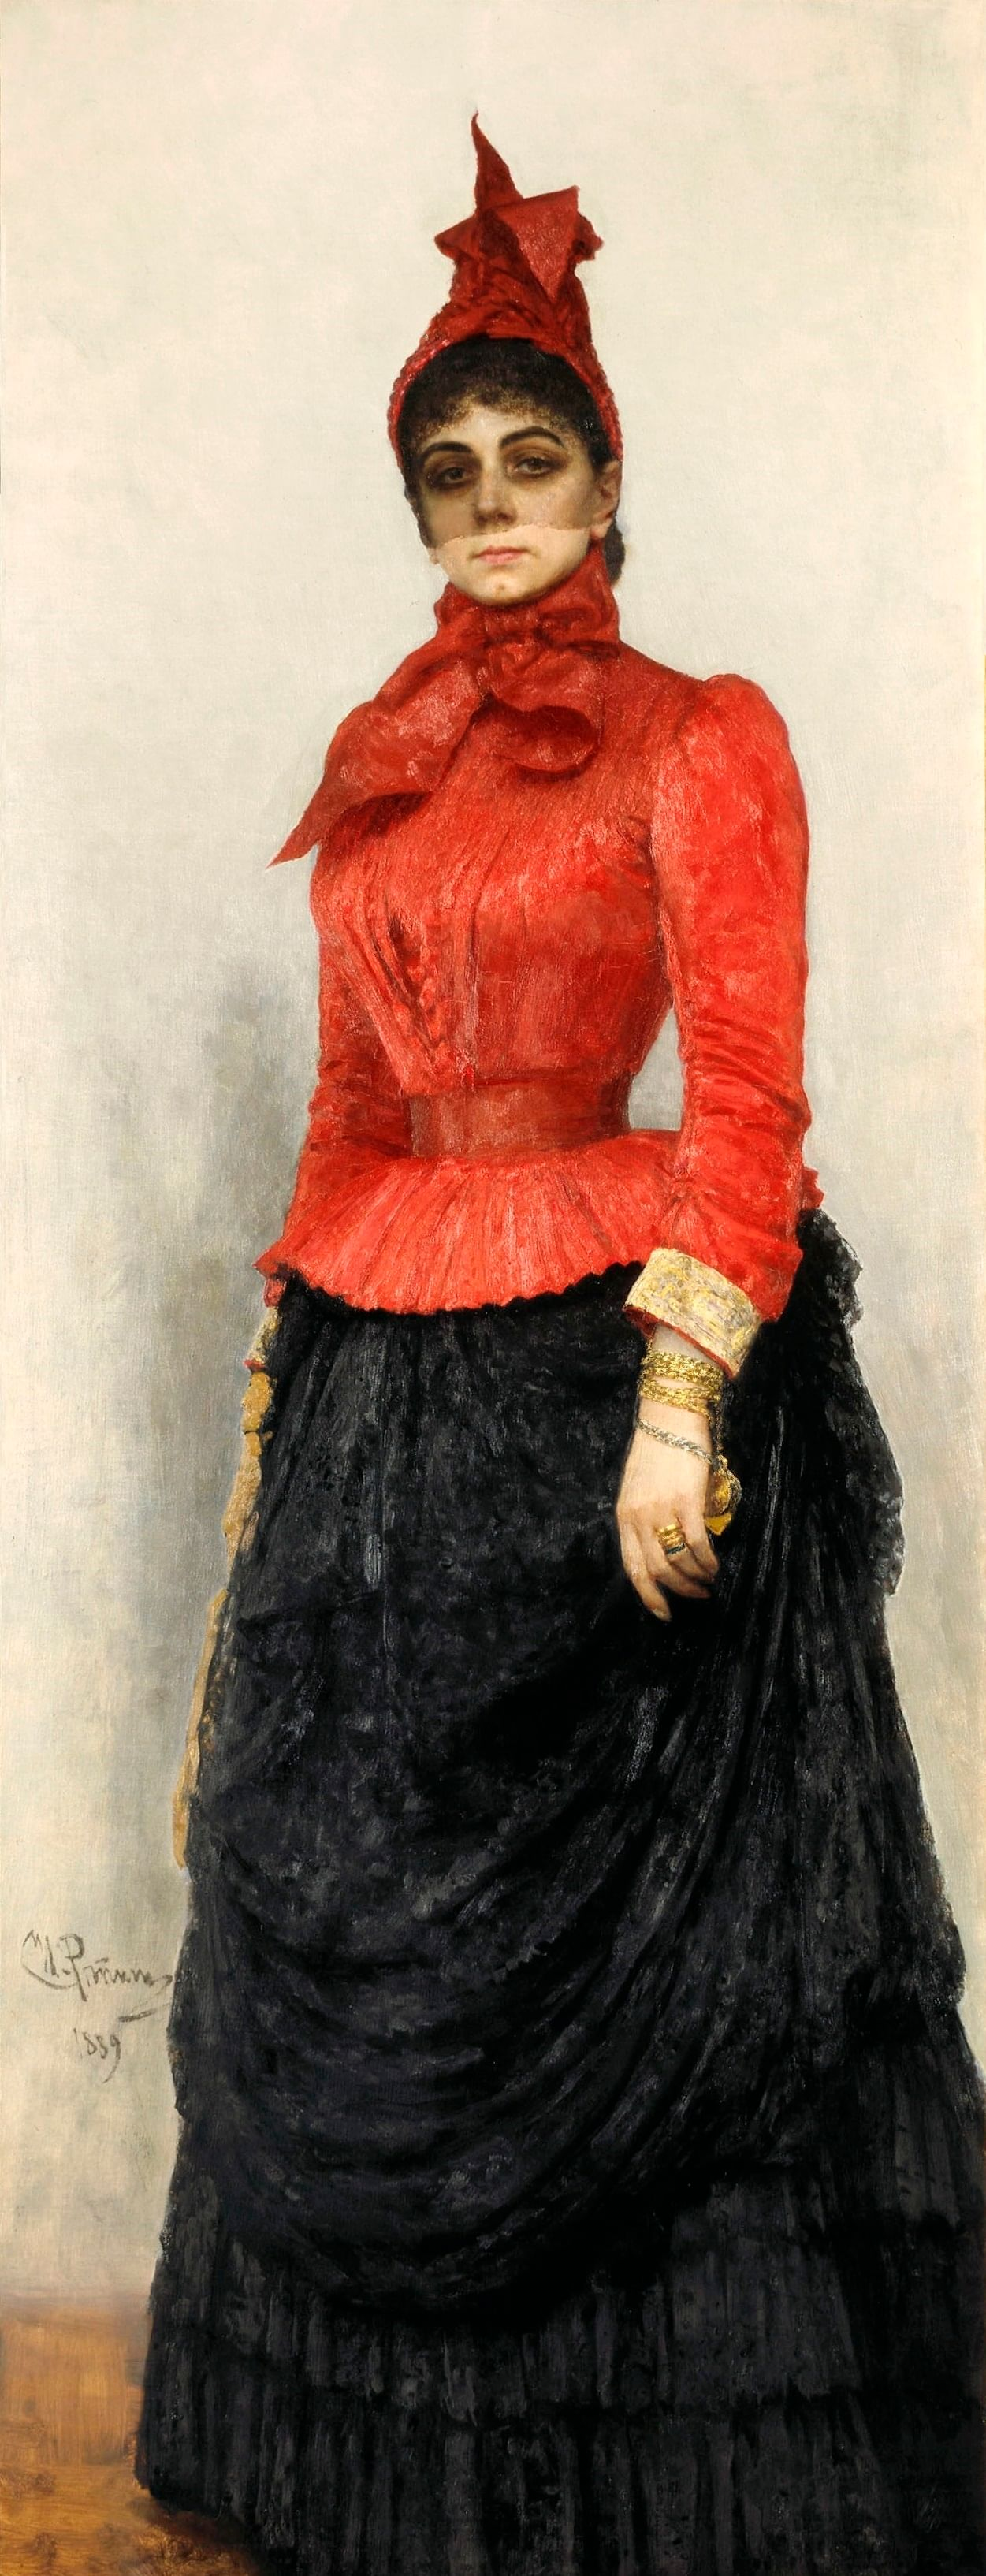 И. Репин. Дама в красном платье (Портрет В.И. Икскуль фон Гильденбанд). 1889. ГТГ